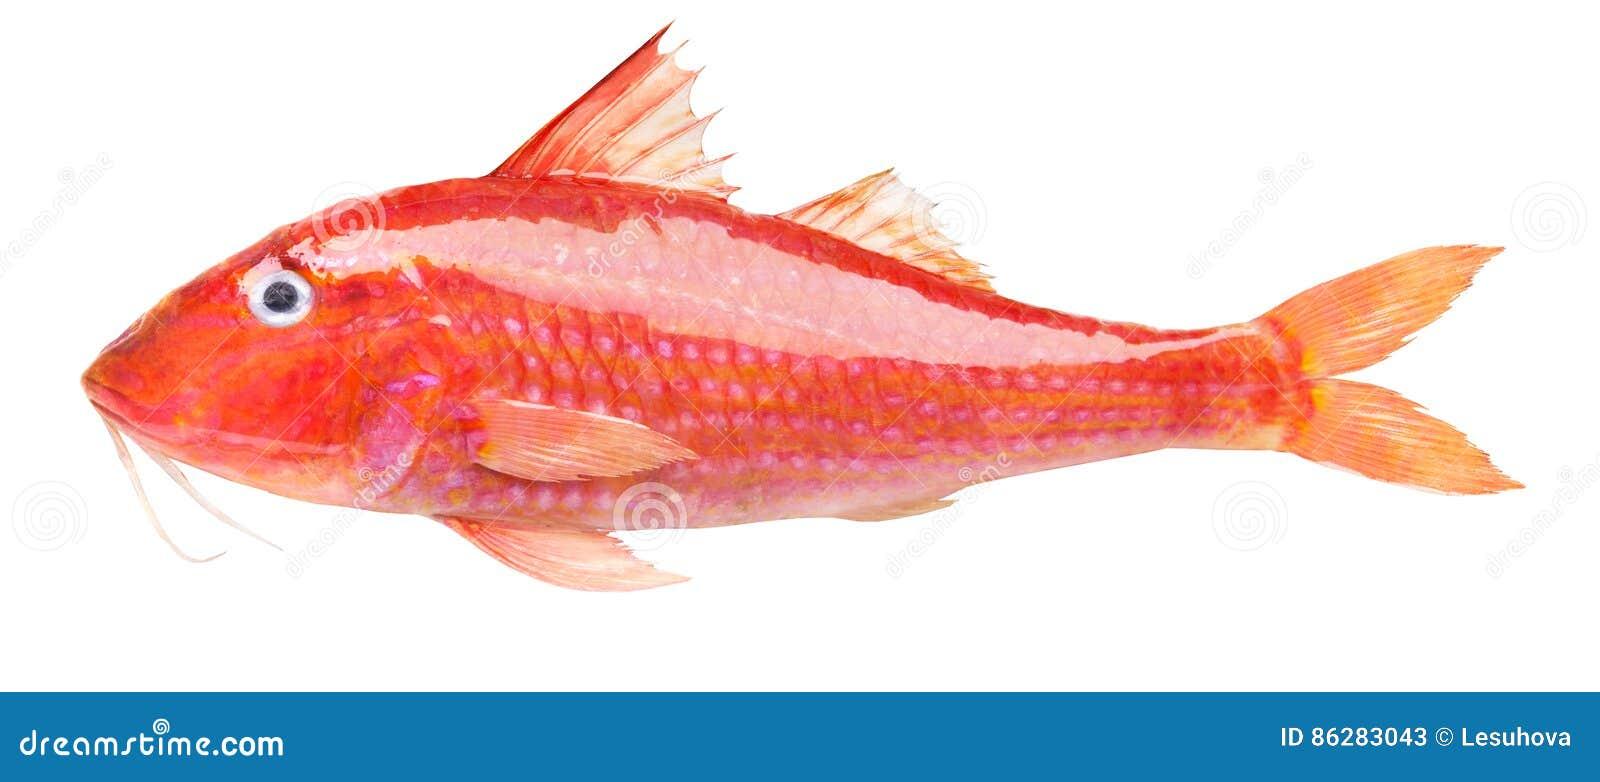 Röd multefiskar